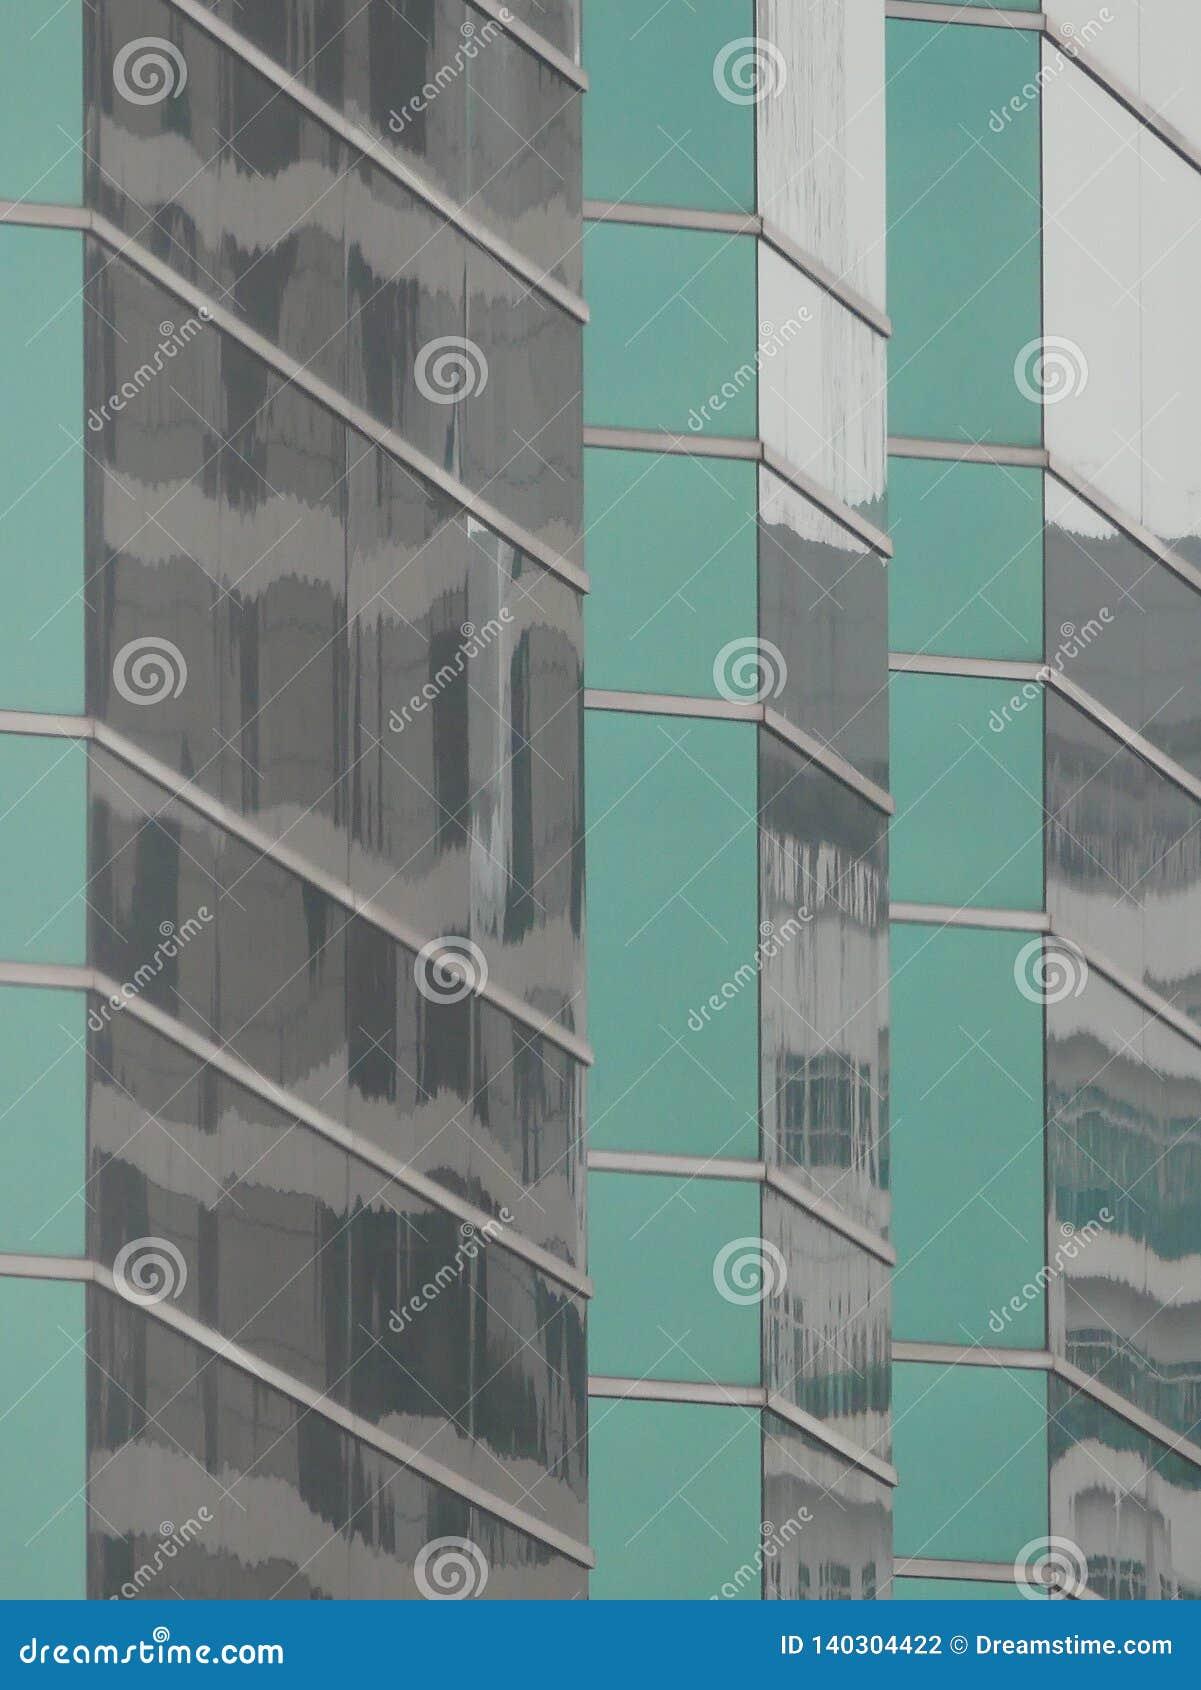 Abstrakte Reflexionen von Gebäuden